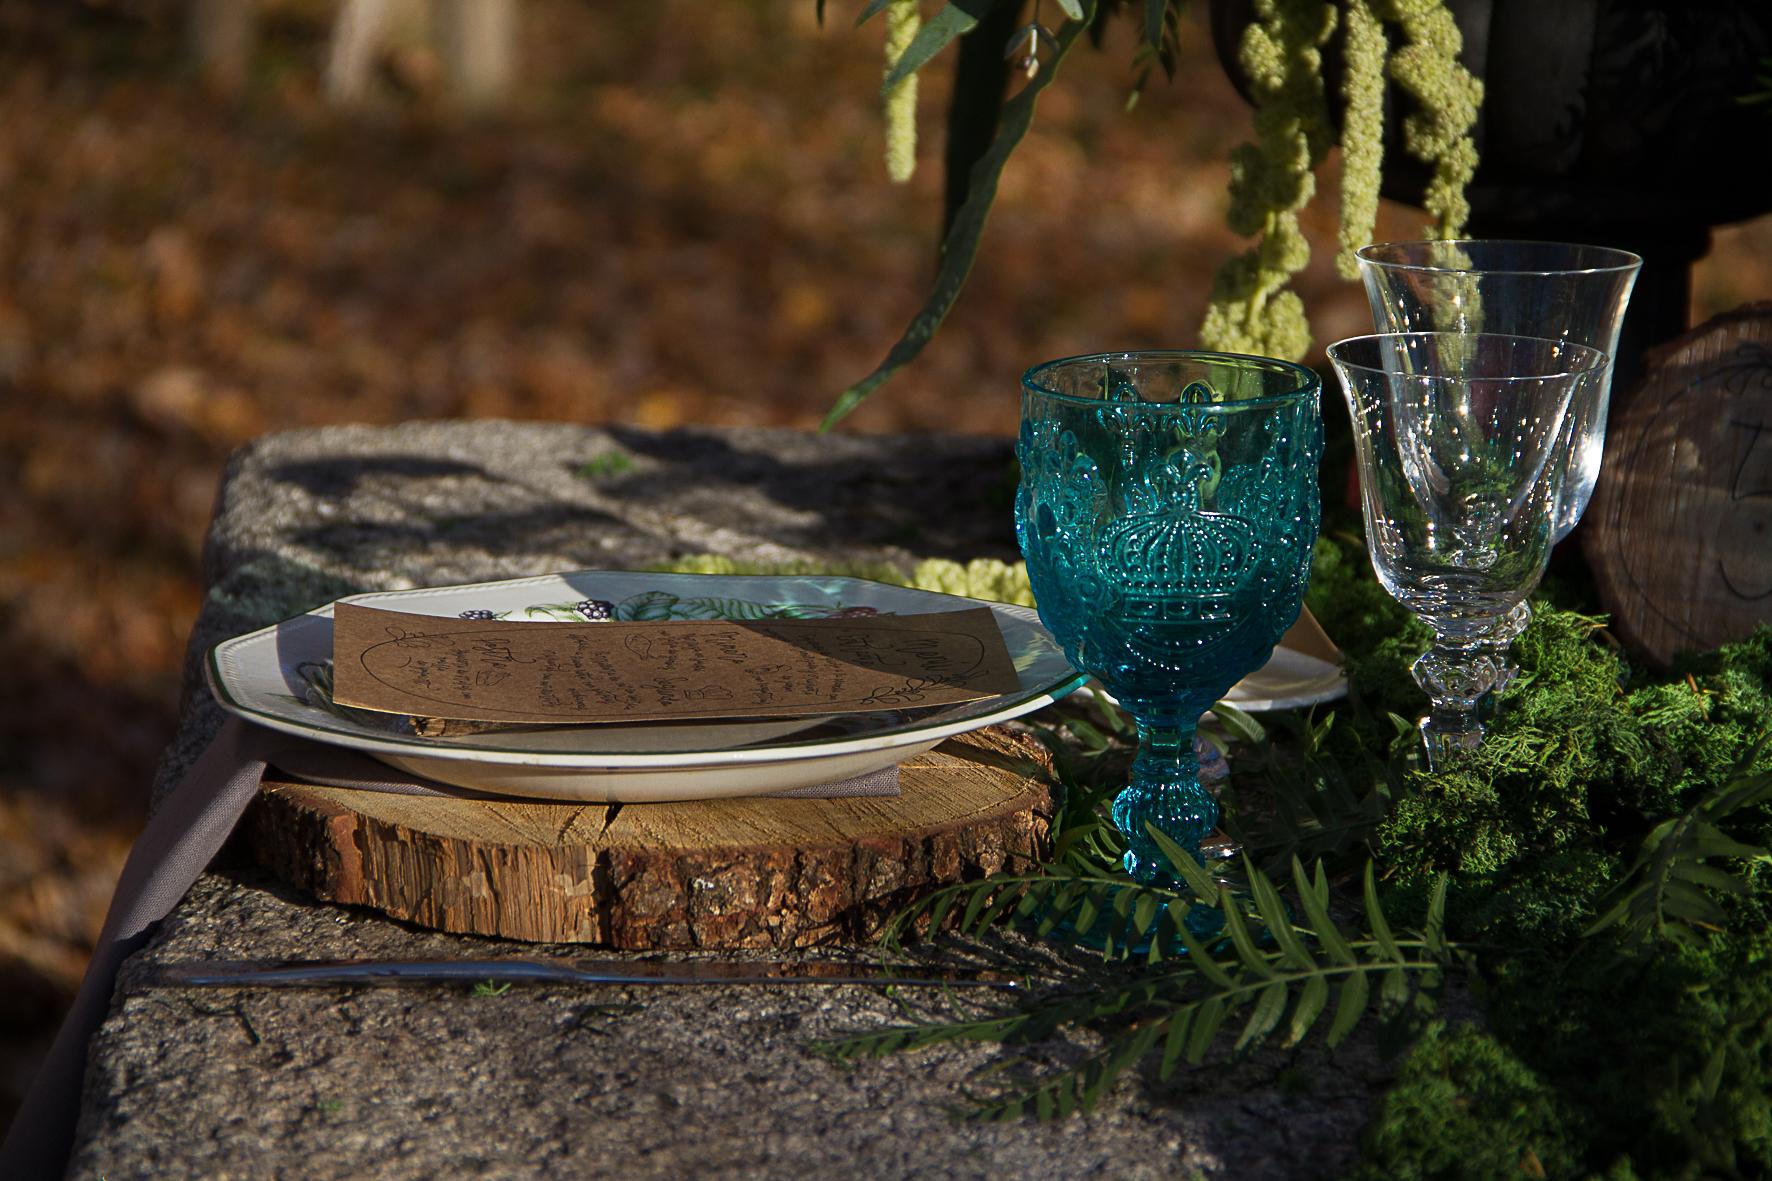 mesa bajoplato rosca de madera boda rustica